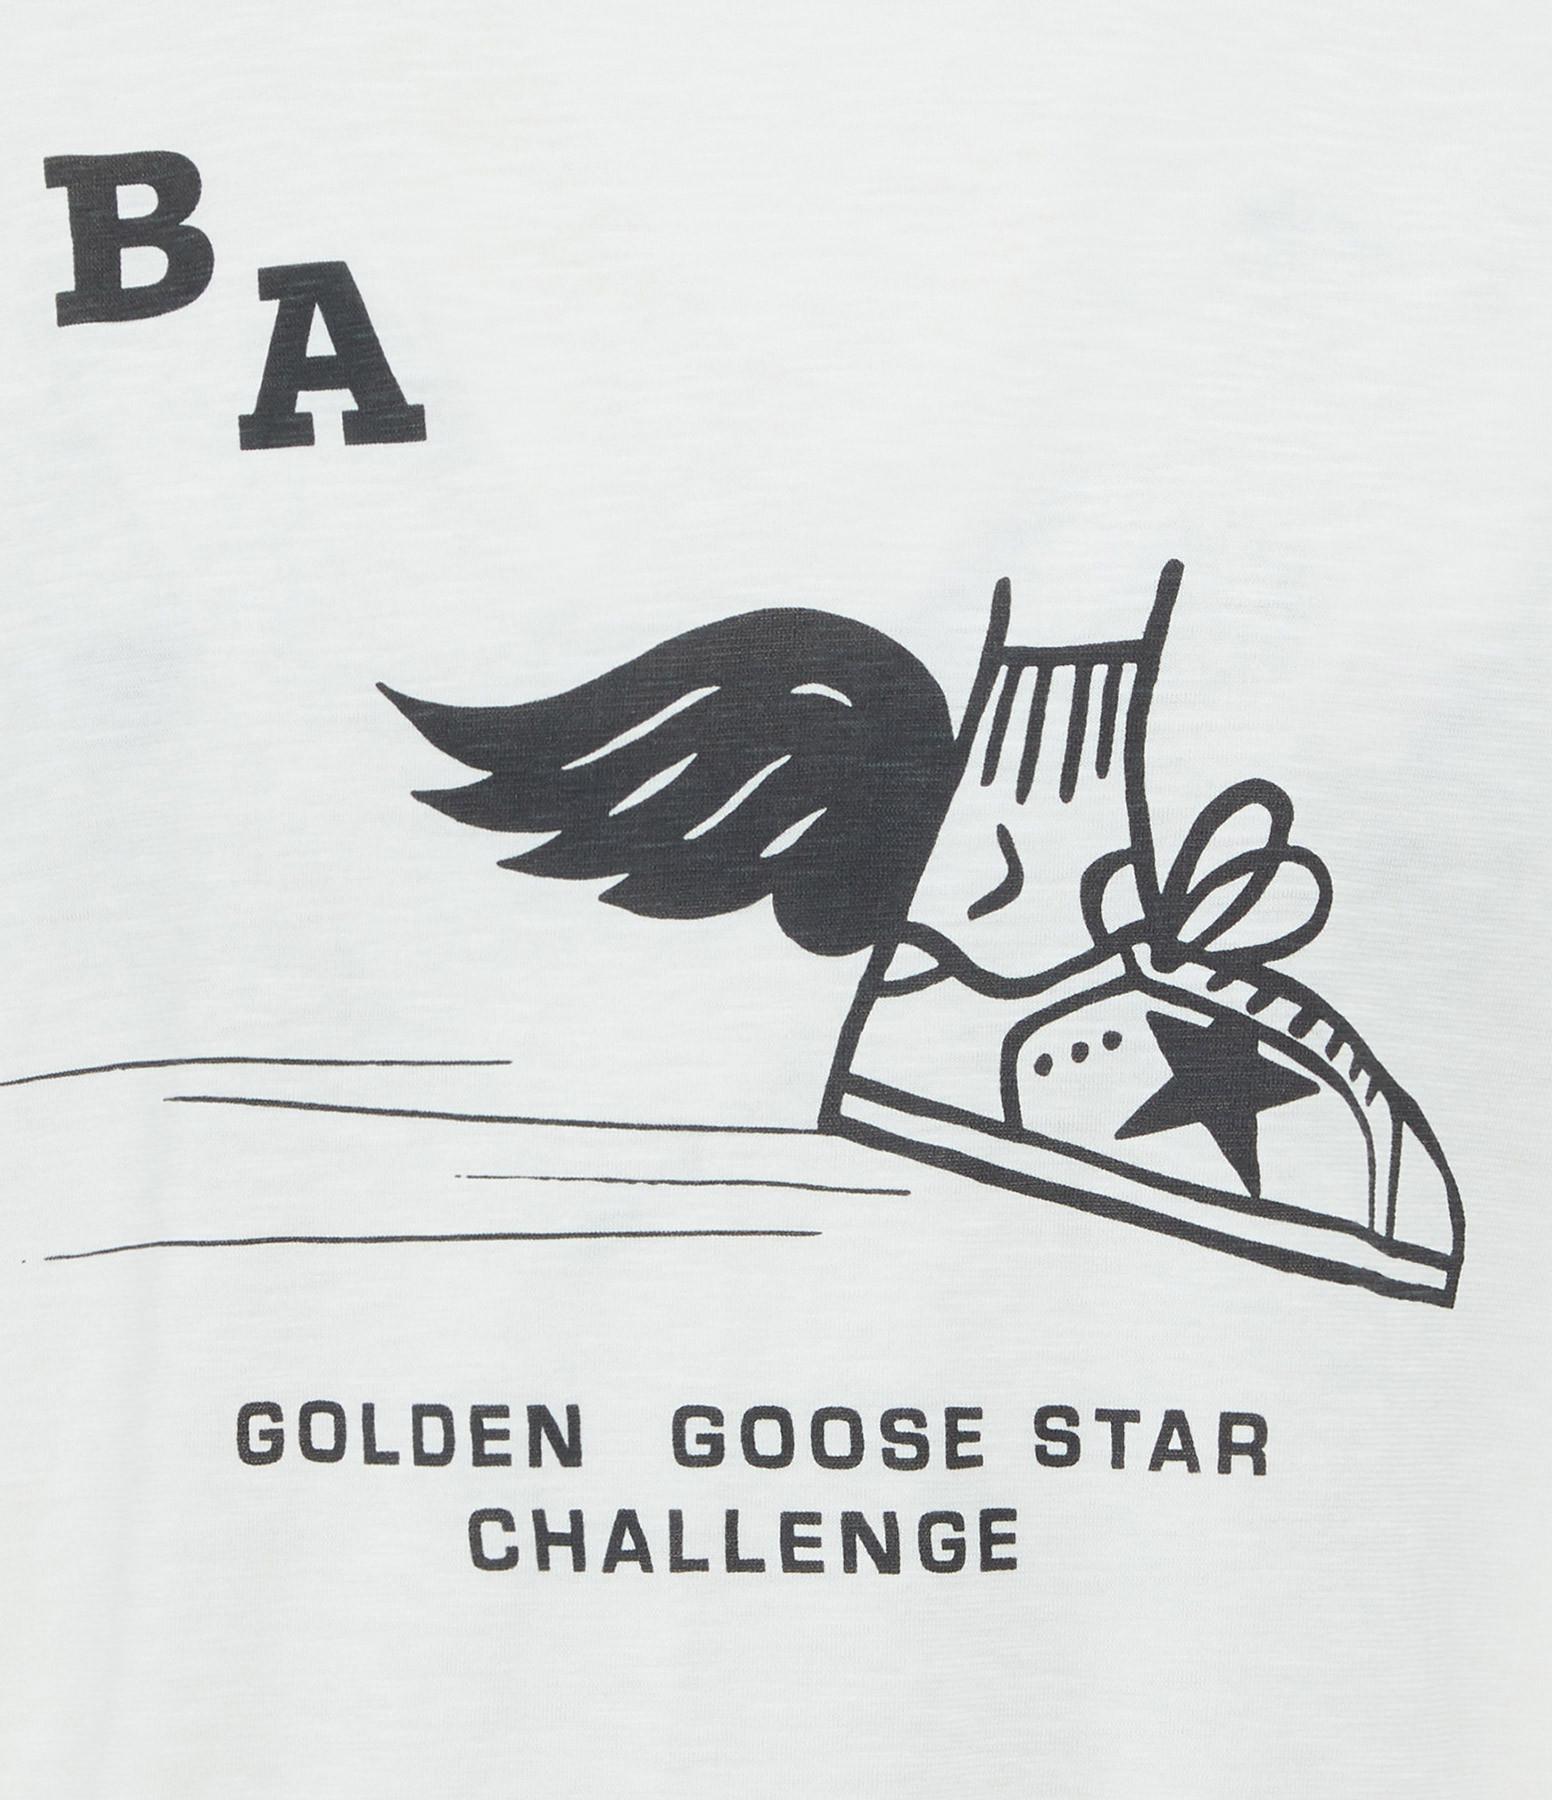 GOLDEN GOOSE - Tee-shirt Homme Adamo Challenge Blanc